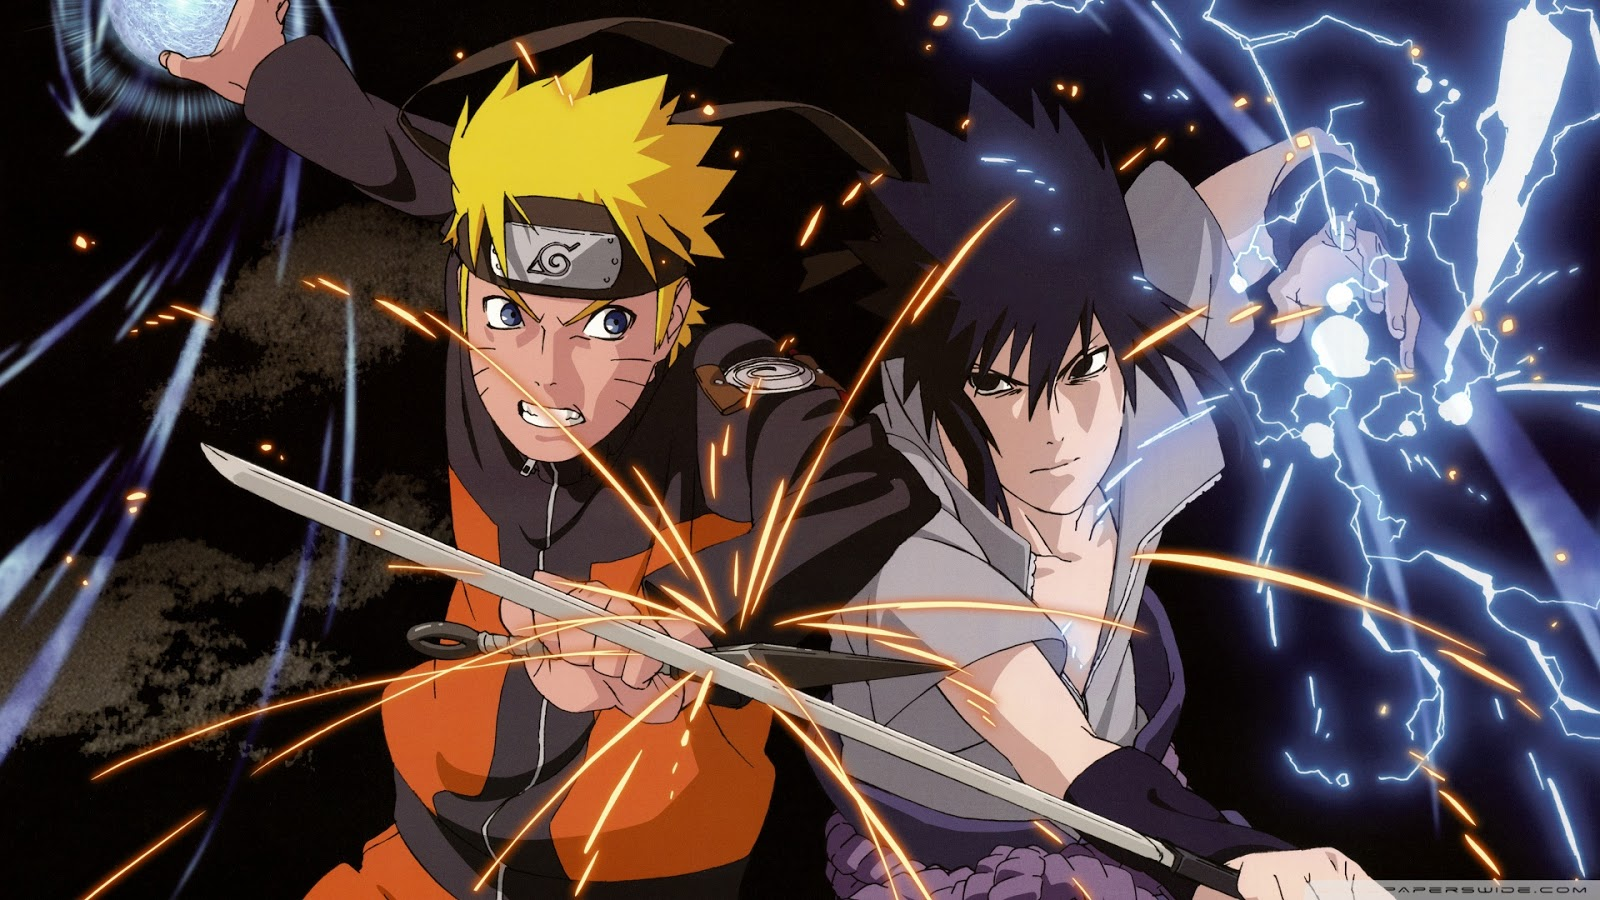 Hình nền Naruto đẹp cho máy tính - Wallpaper hình ảnh Naruto và sasuke đẹp nhất